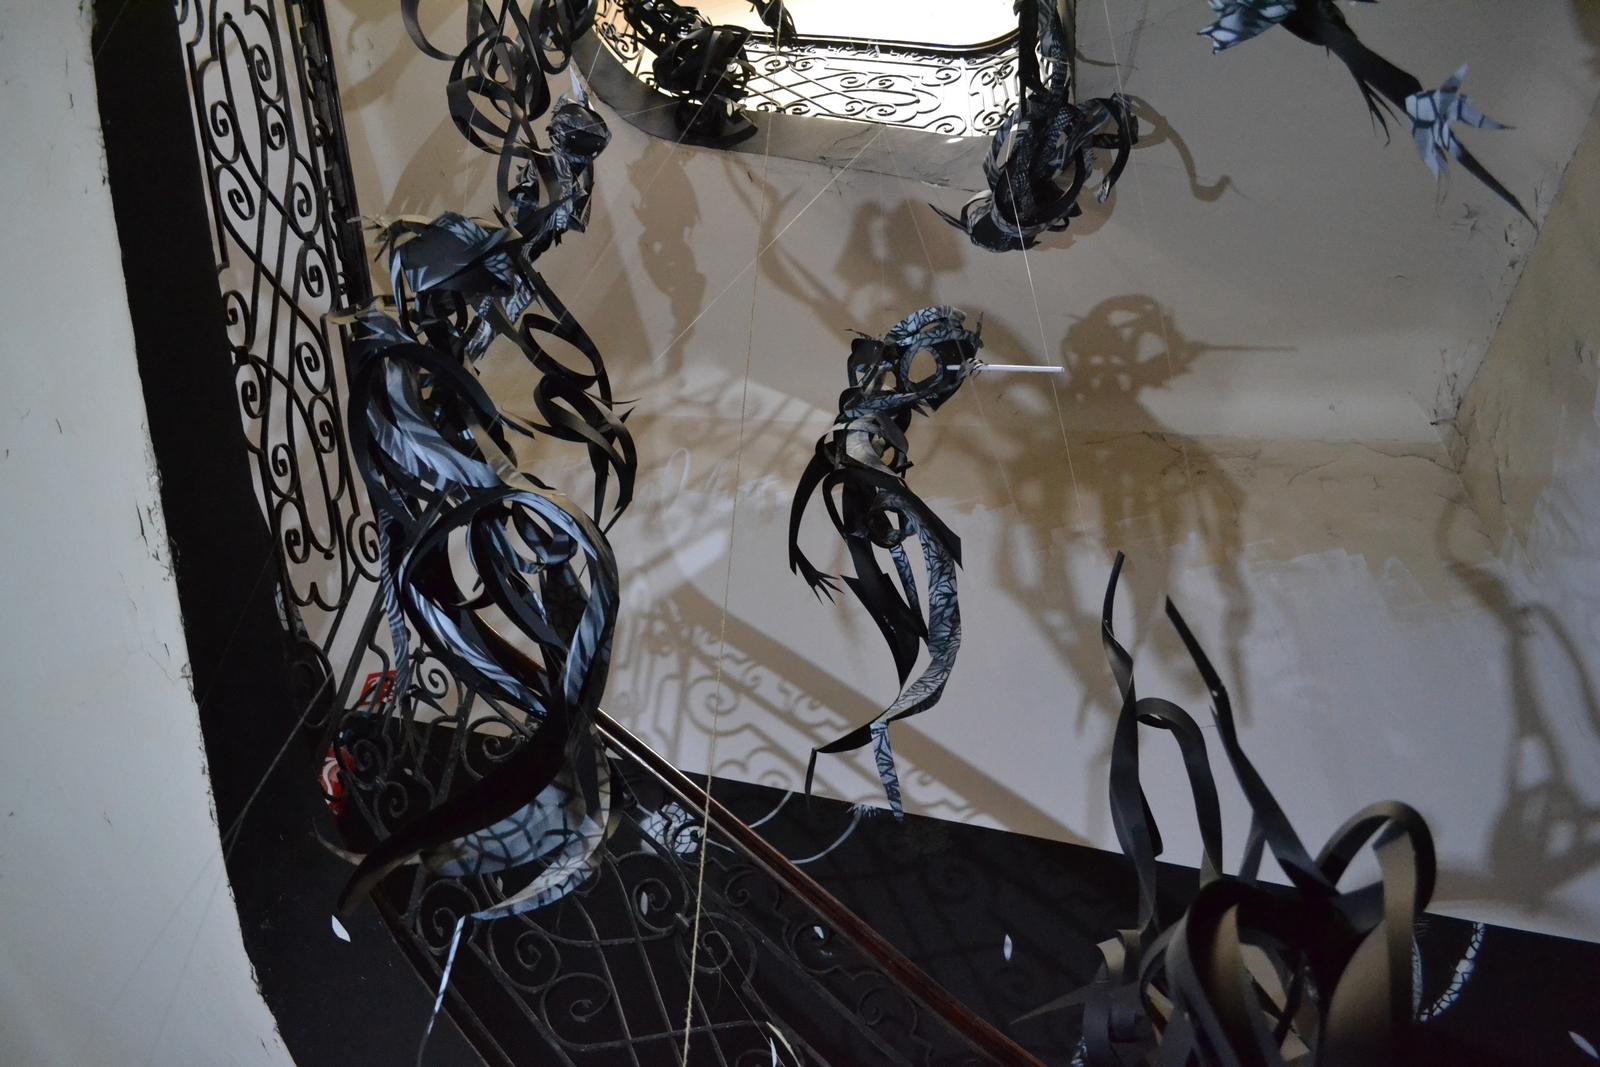 La cage d'escalier du lycée investit par Matthieu Dagorn aka LapinThur. ©MD